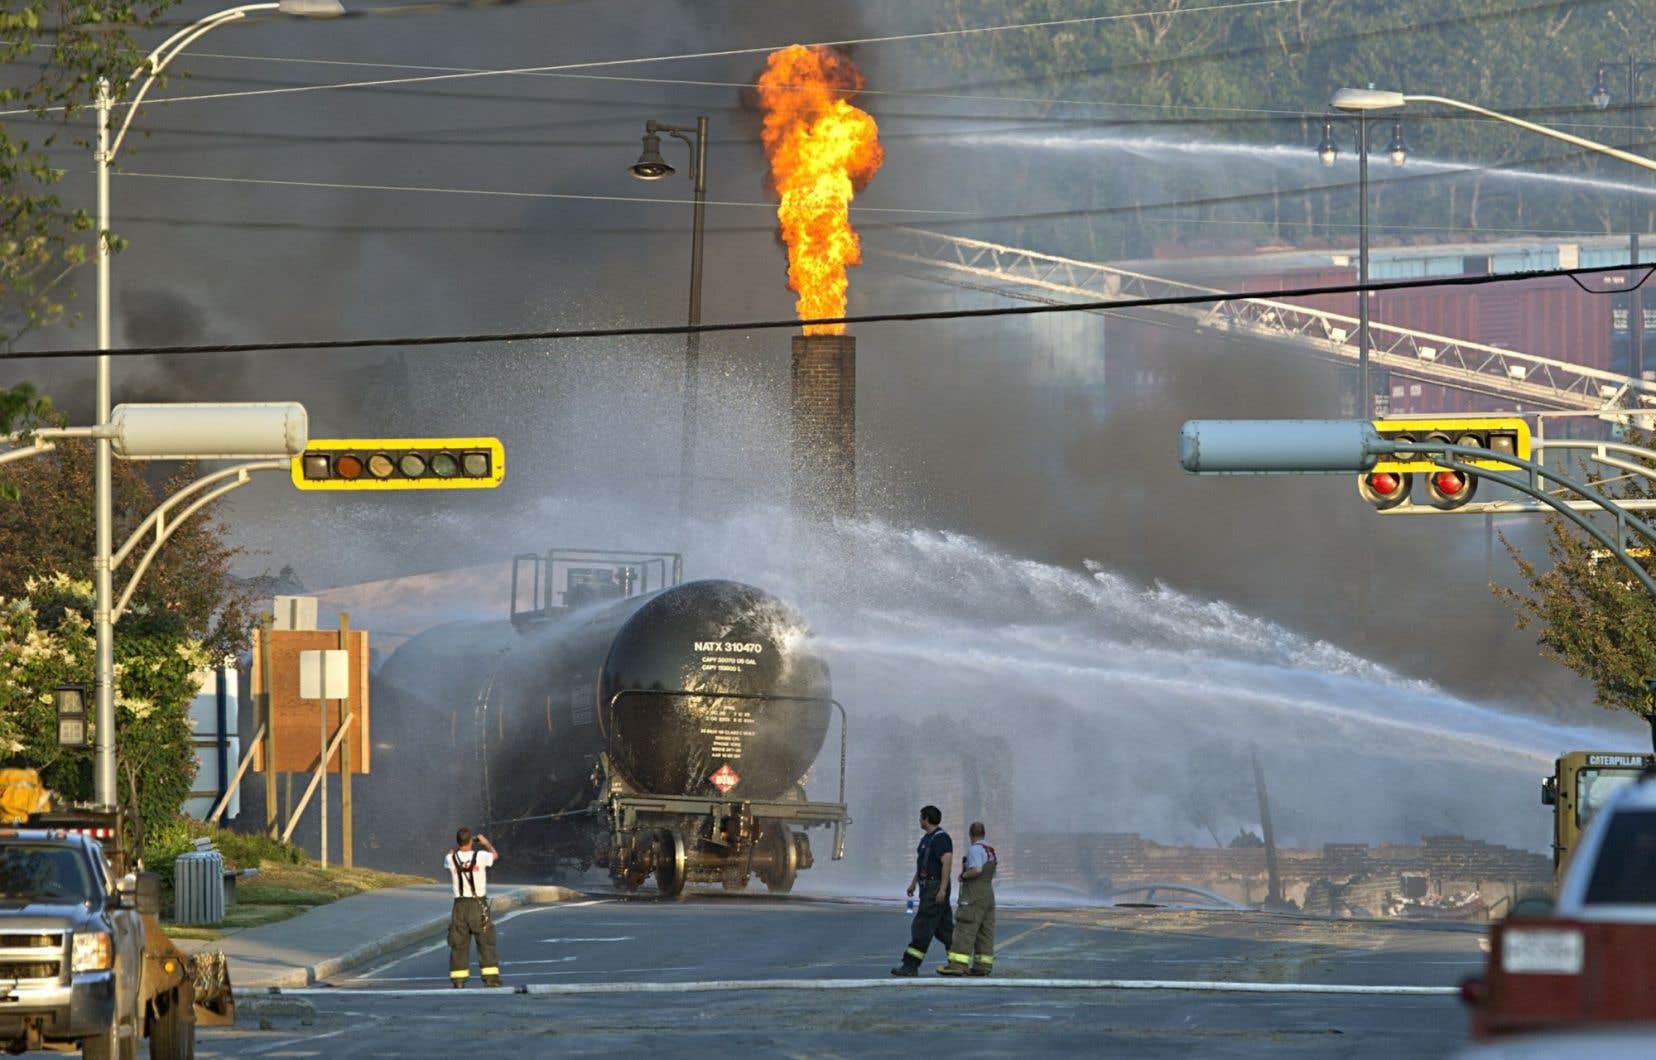 L'accident ferroviaire survenu à Lac-Mégantic le 6juillet 2013 a fait 47 victimes.